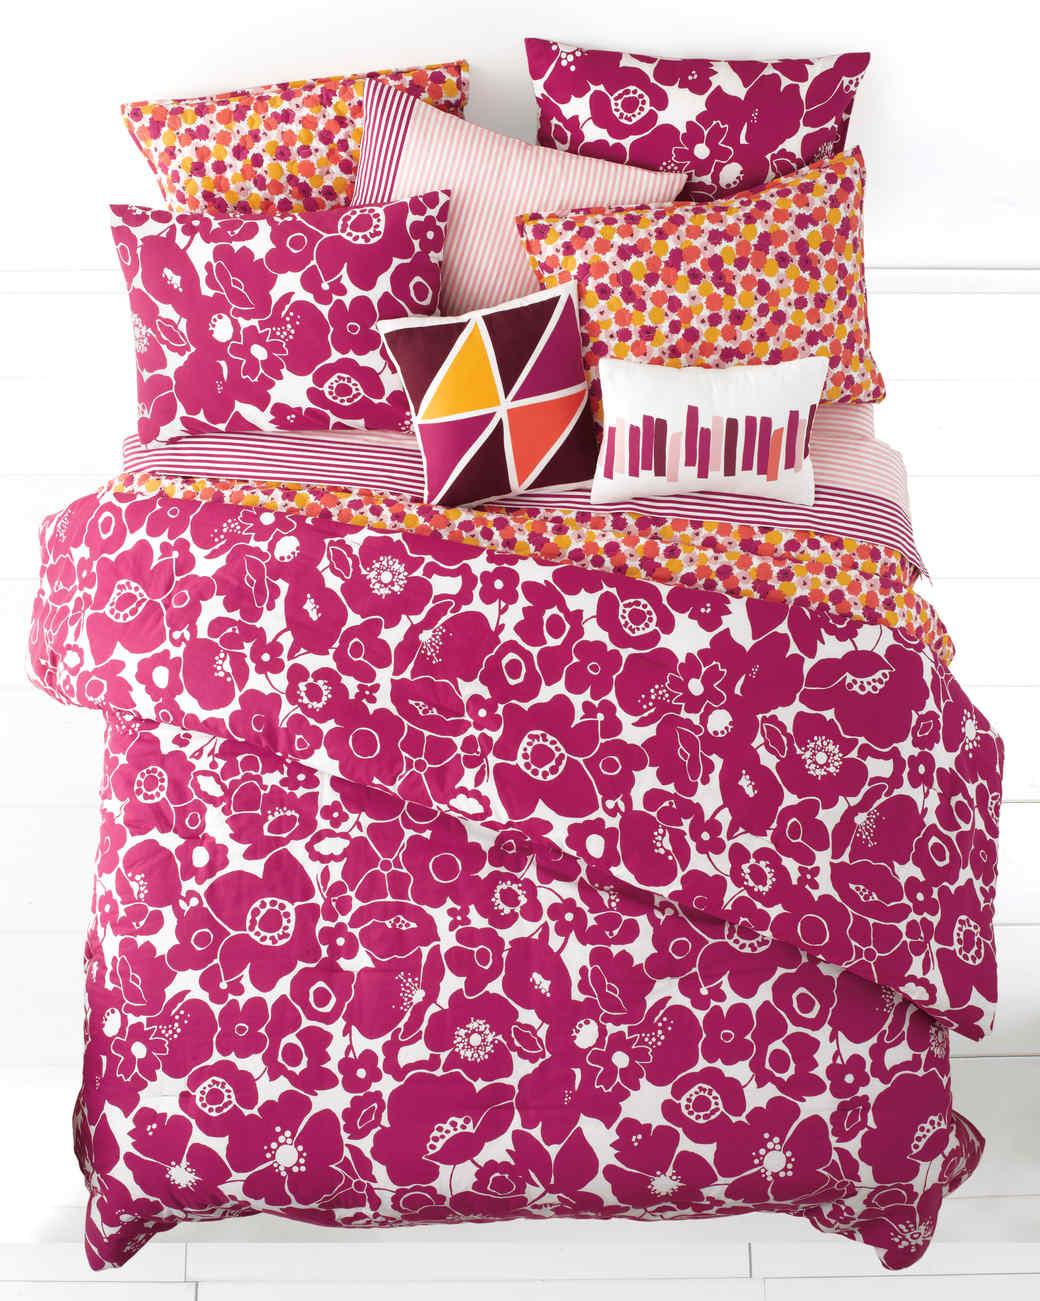 msmacys-gradgifts-comforter-0515.jpg